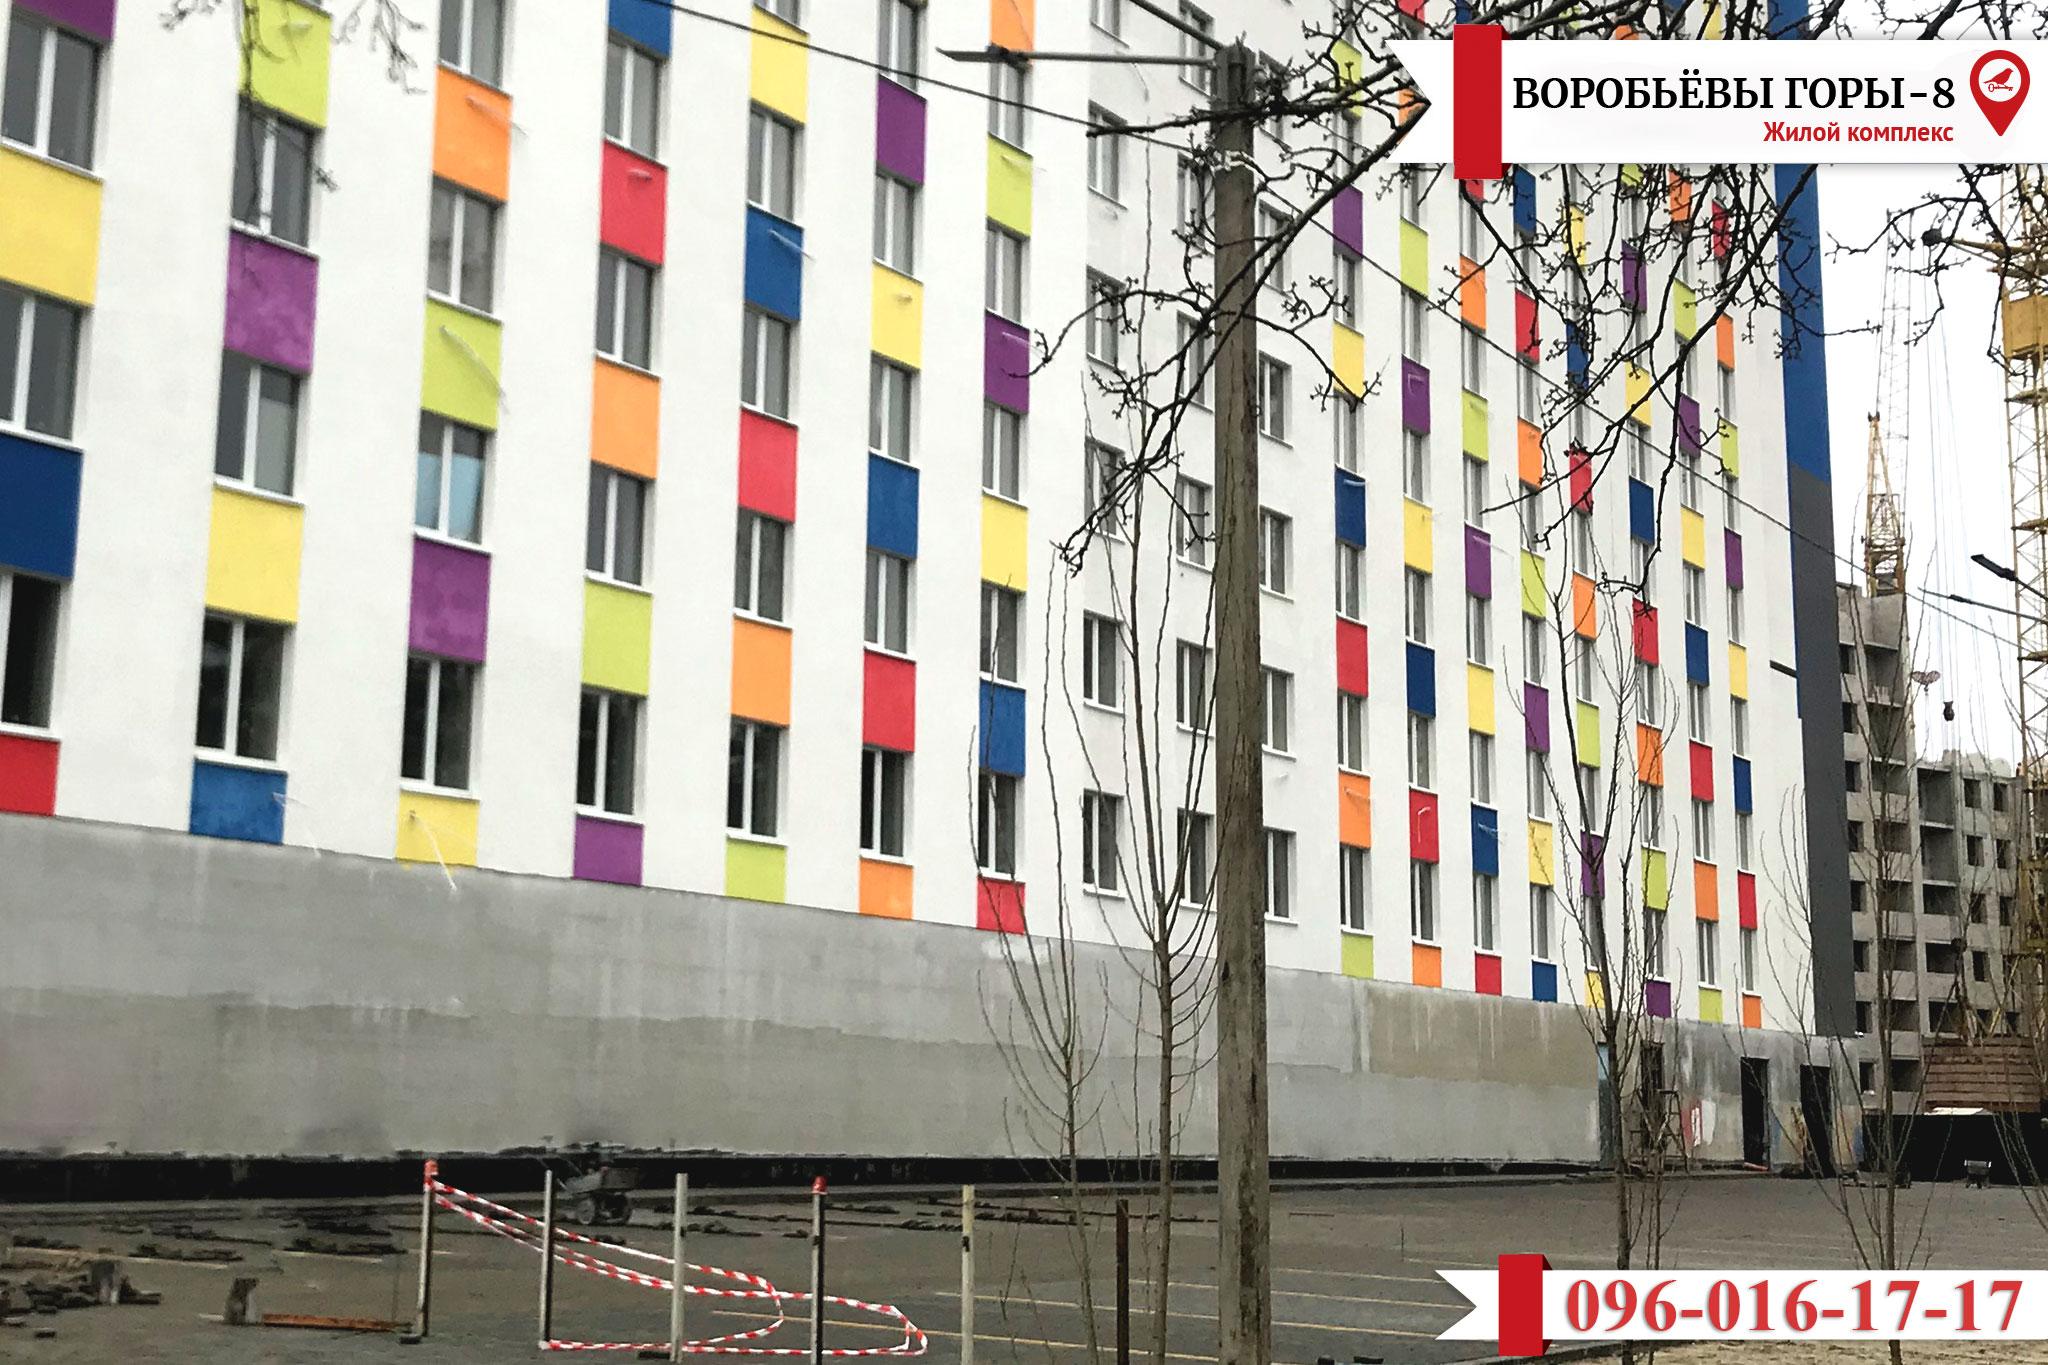 """ЖК """"Воробьевы горы-8"""". Новости строительства"""